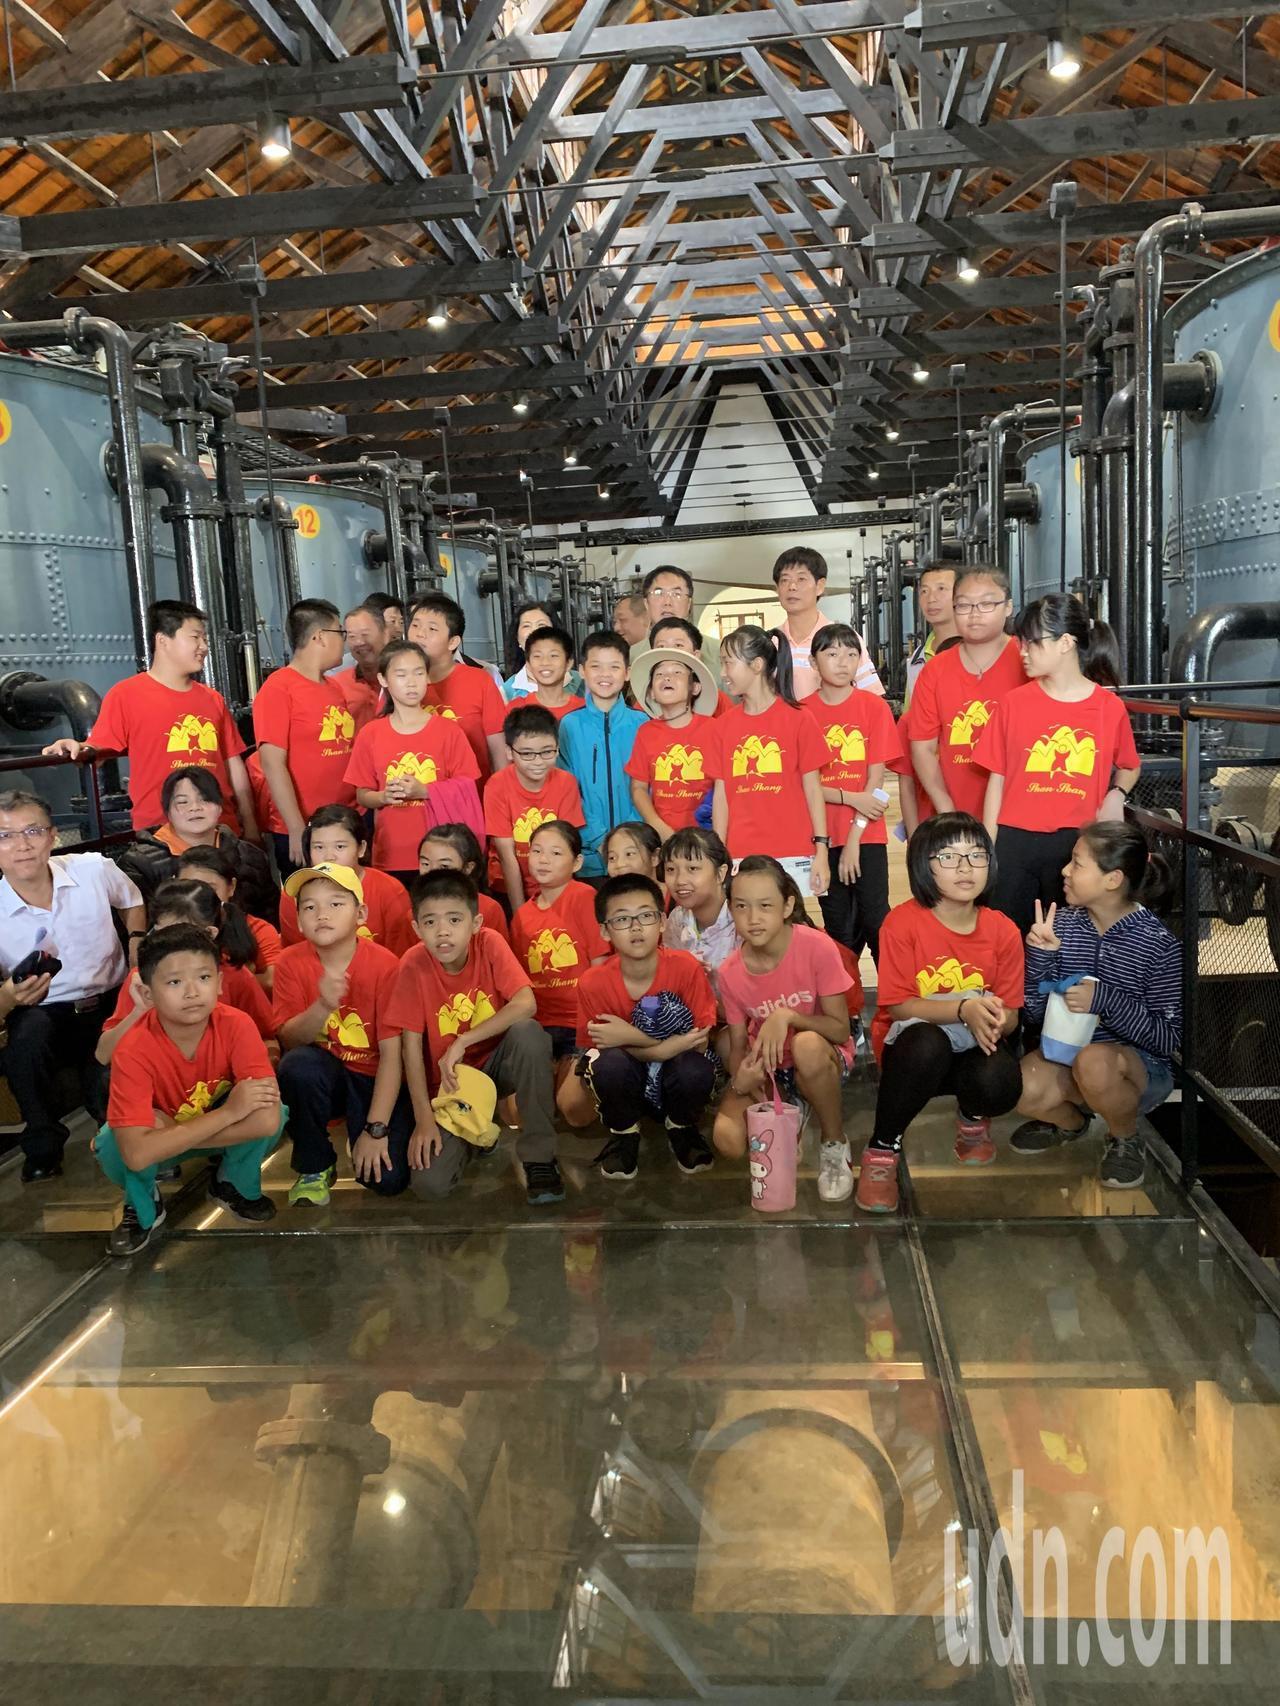 台南山上水道博物館 國慶揭開百年神秘面紗